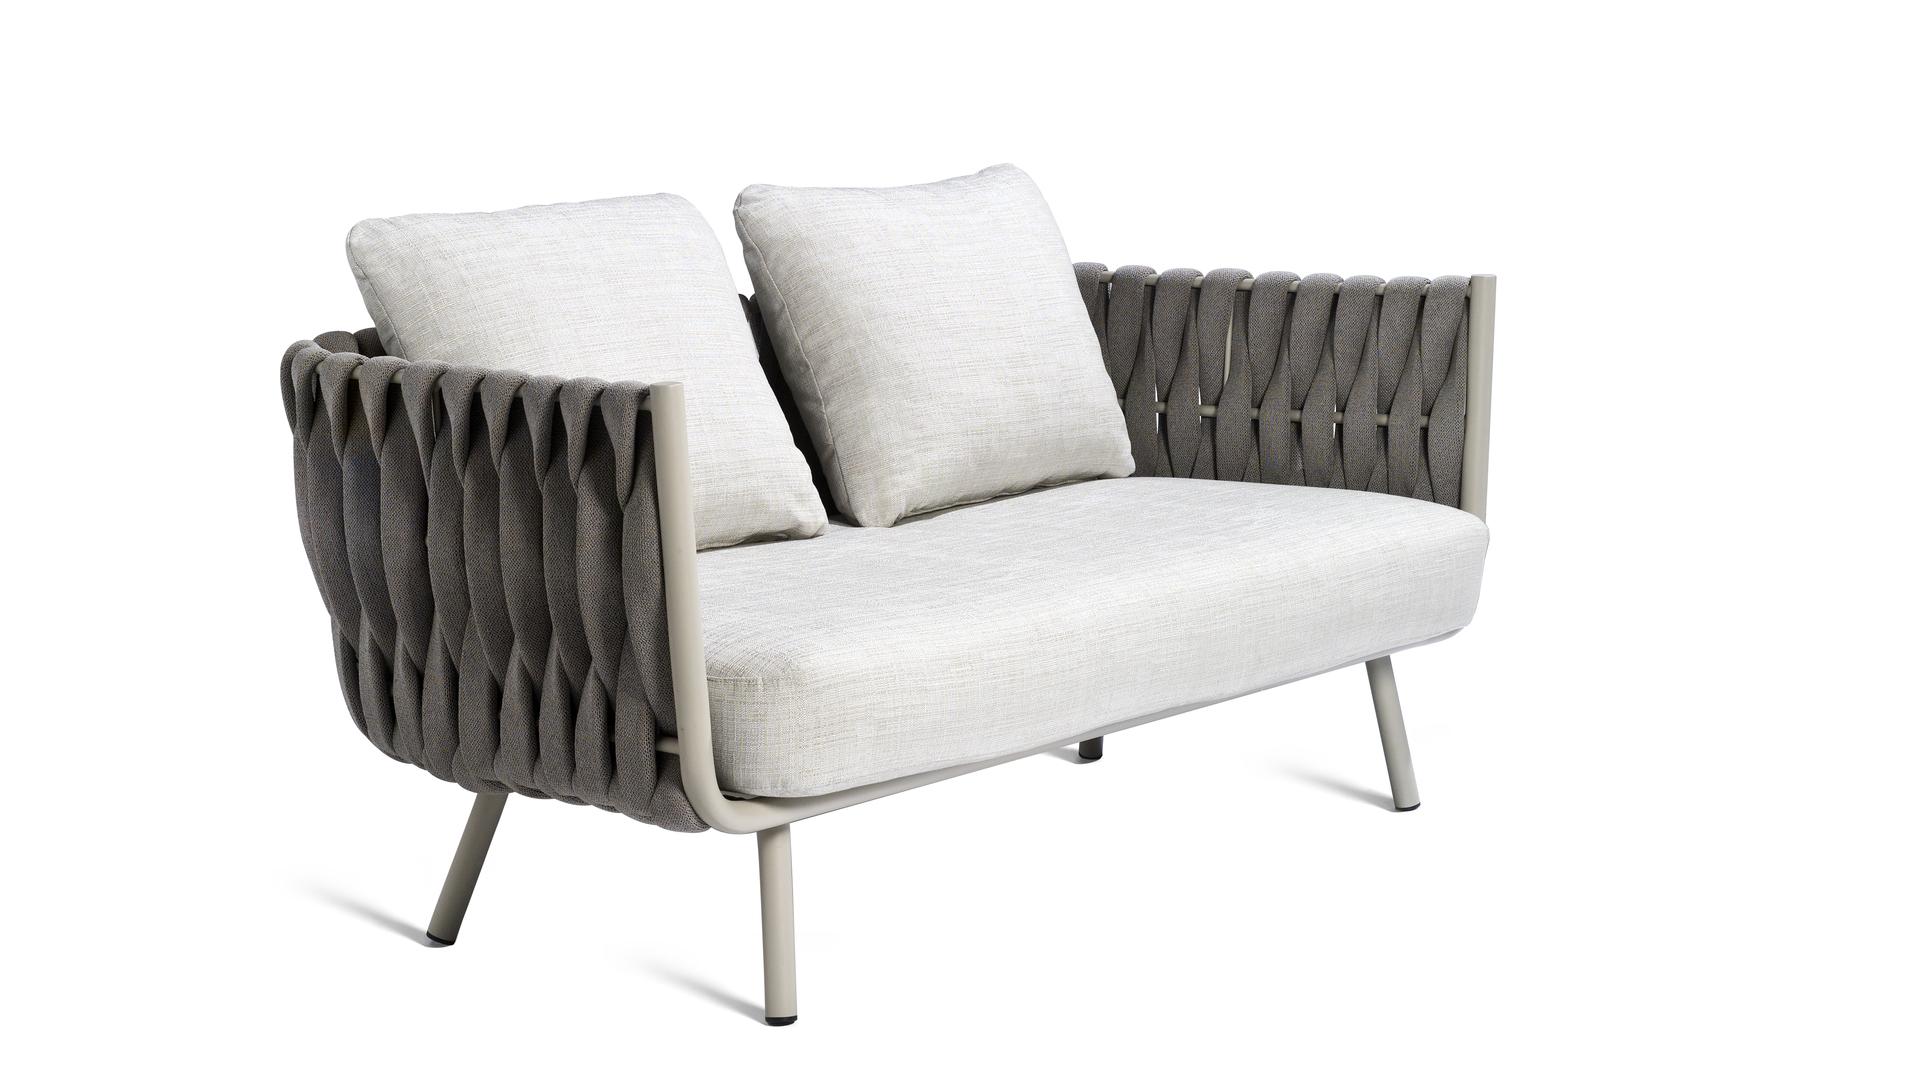 tosca-sofa-163cm.jpg